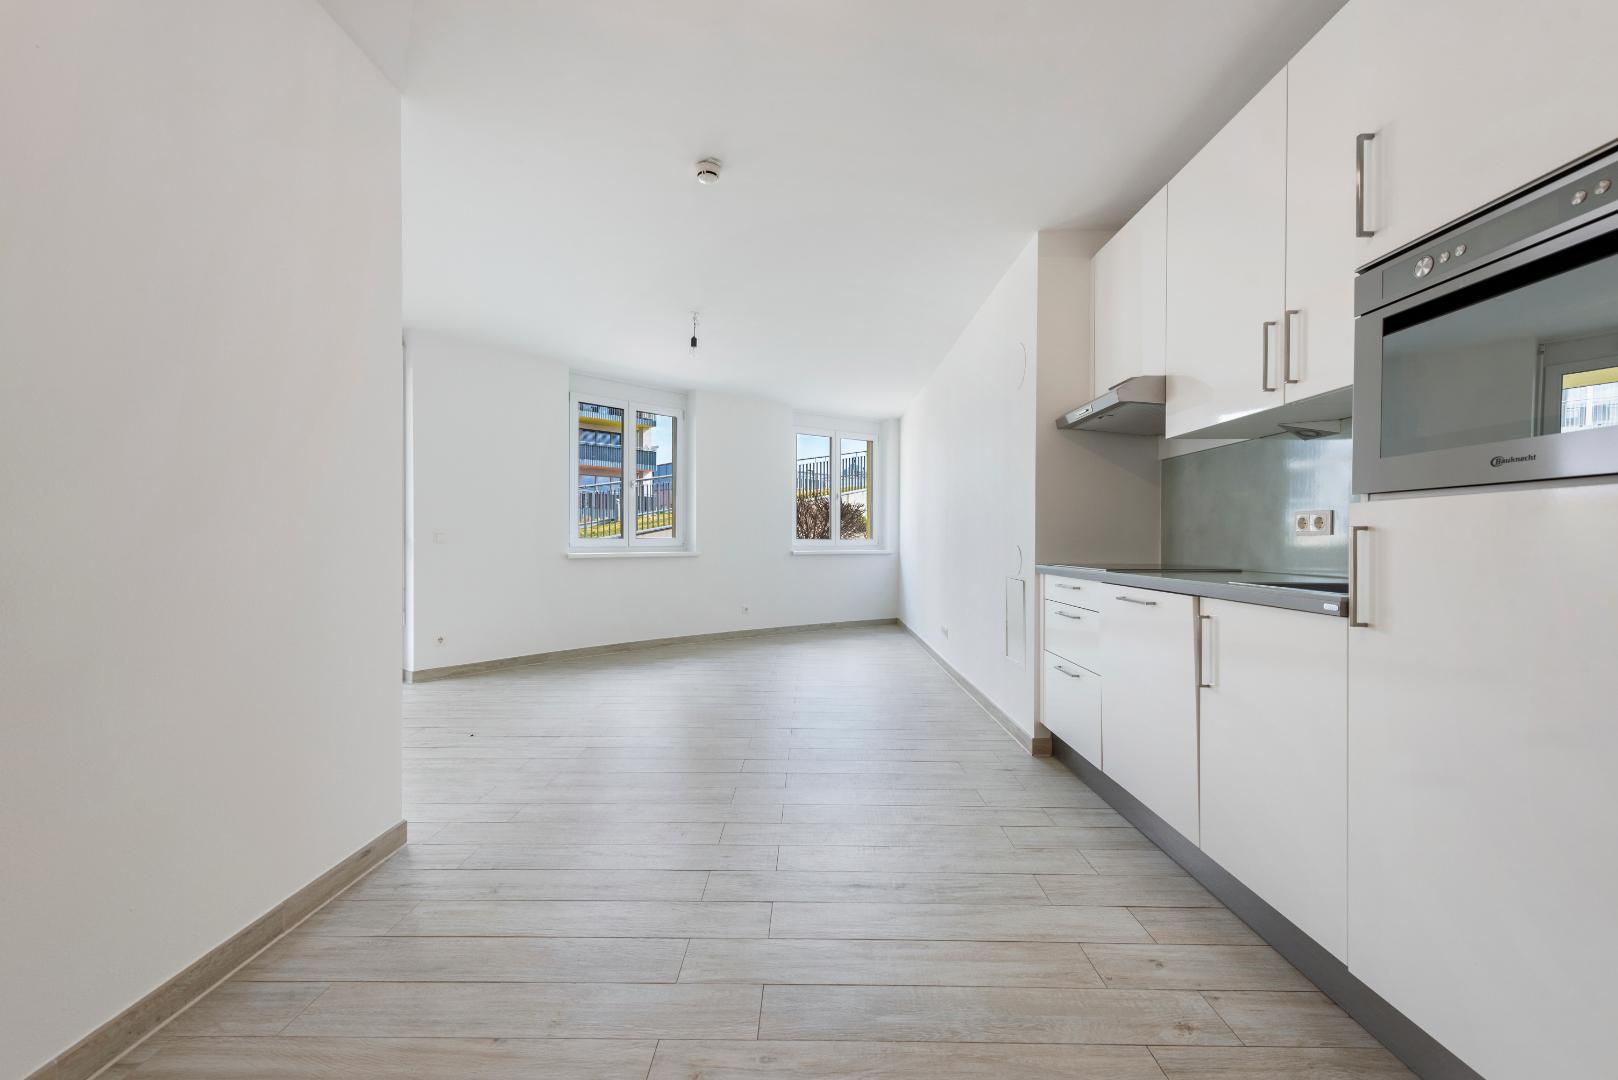 Weitläufiges 2 Zimmer Apartment mit Wellness- und Fitnessbereich nahe Prater